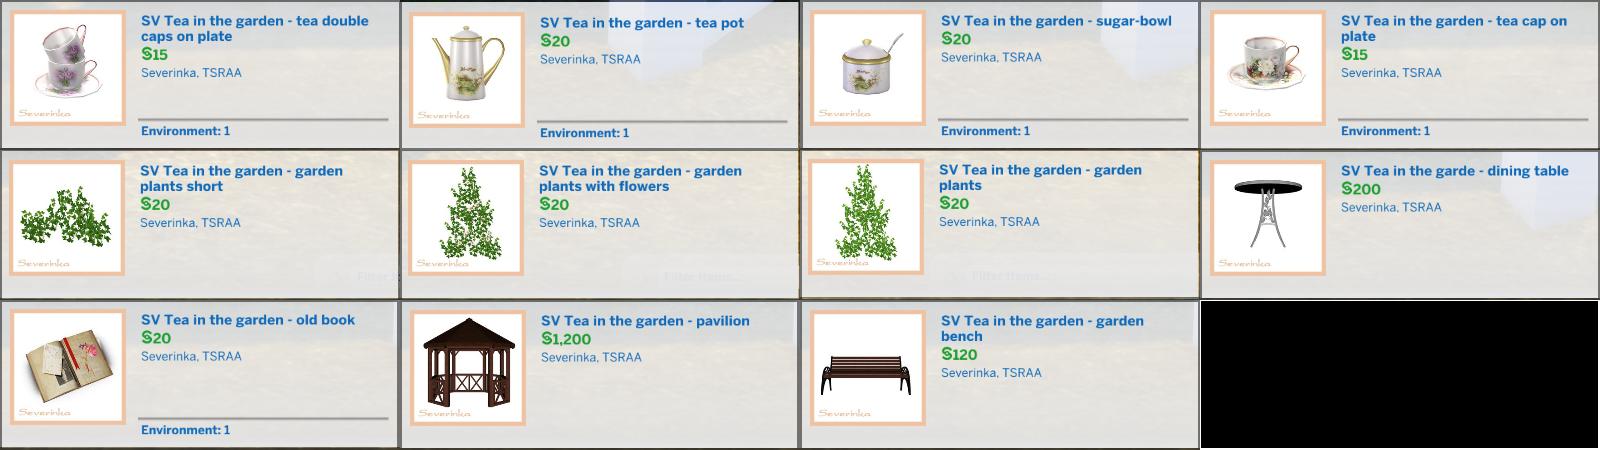 Tea in the Garden SV